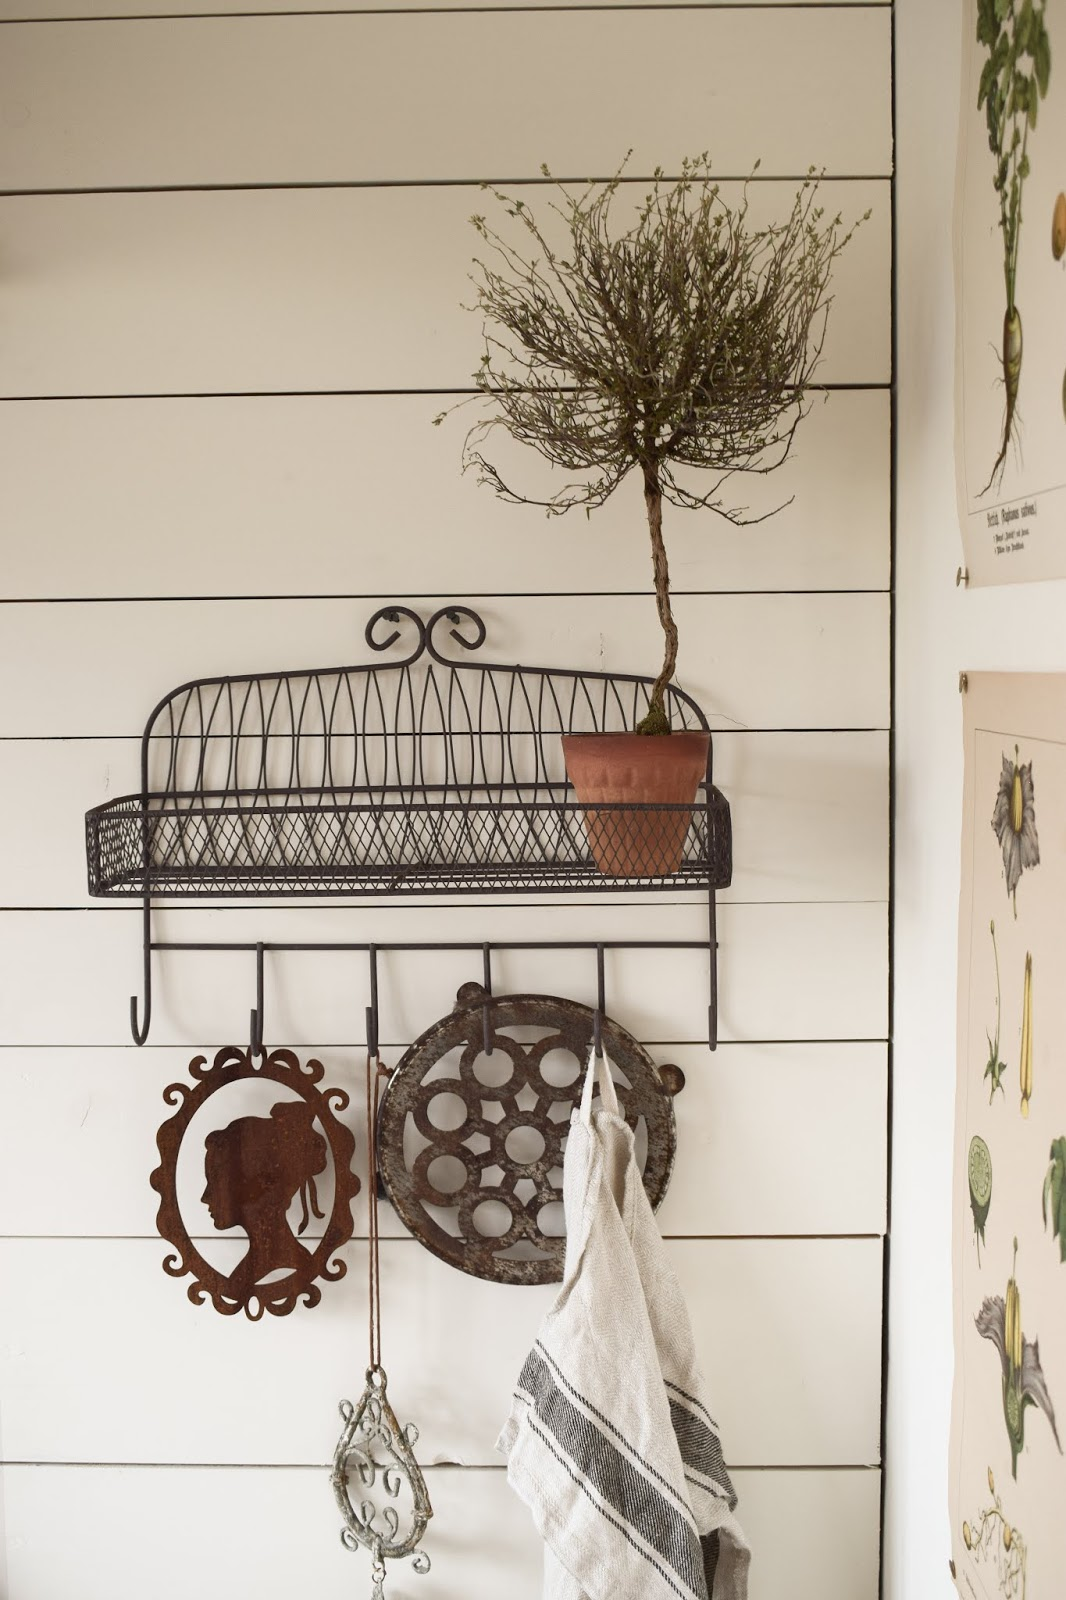 Landhausküche Küche nostaglisch Country Kitchen Dekoidee mit Thymian Stamm Deko Dekoration getrocknet Naturdeko natürlich dekorieren